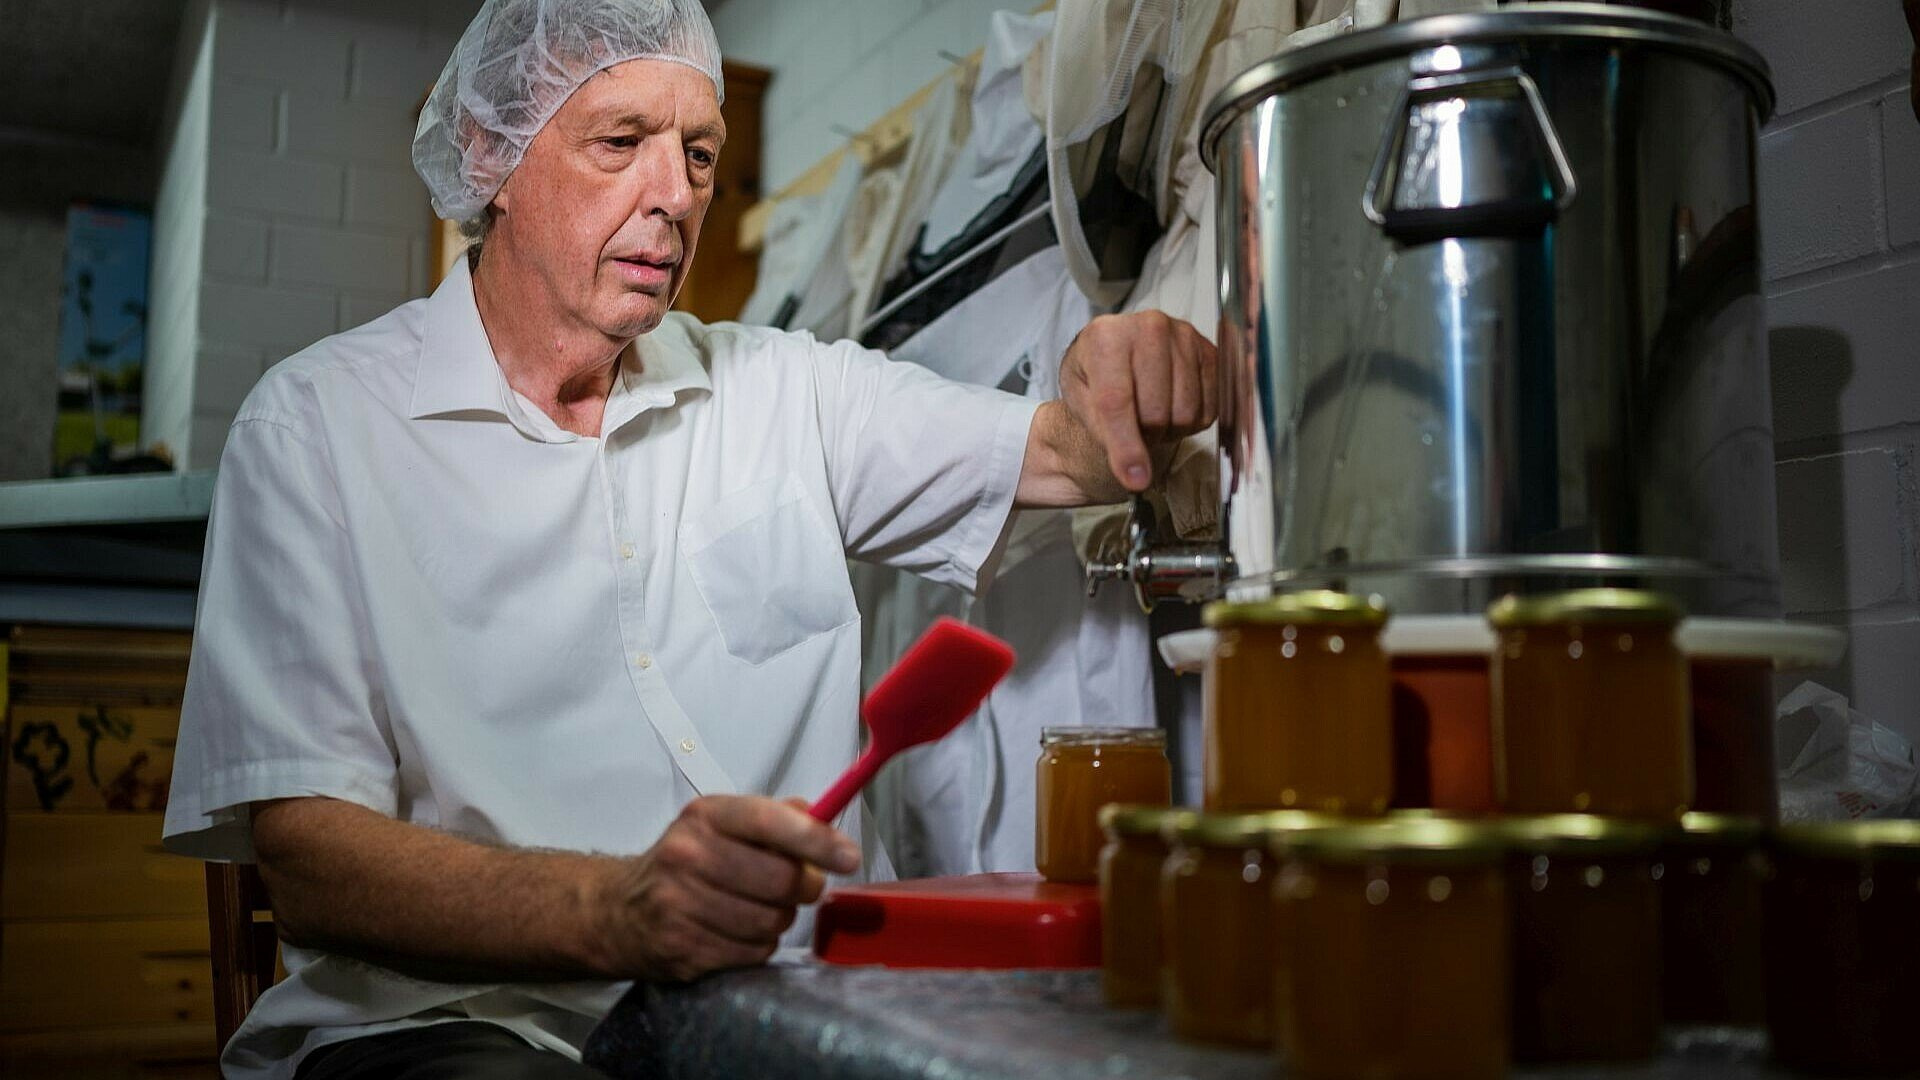 Jens Bössen füllt den Honig aus den Bienenstöcken im Waldbadviertel in Gläser ab